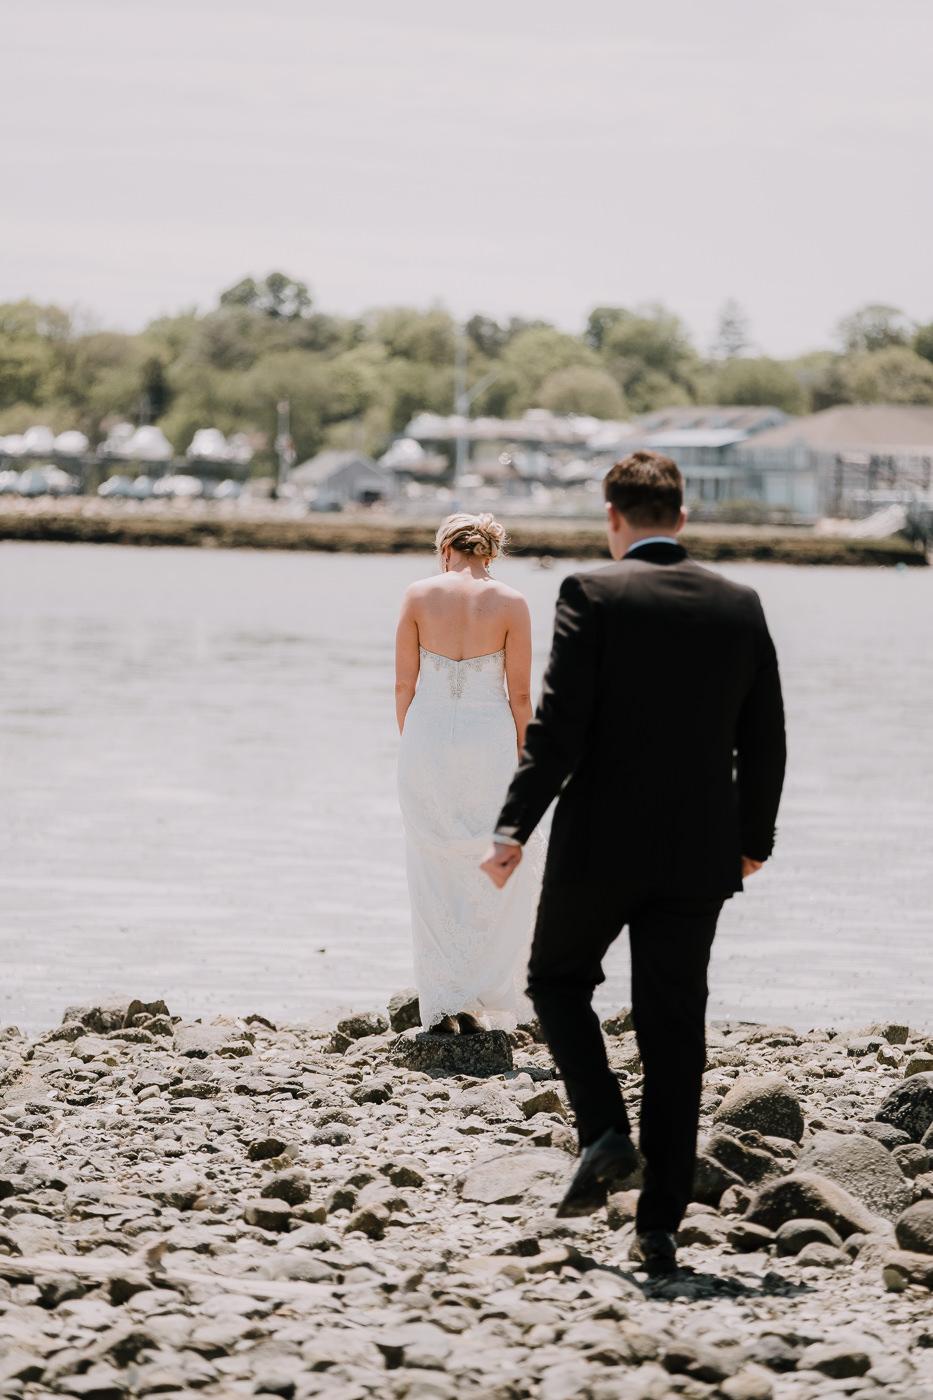 aly+jonny.web.newengland.wedding.©2017mileswittboyer-22.jpg